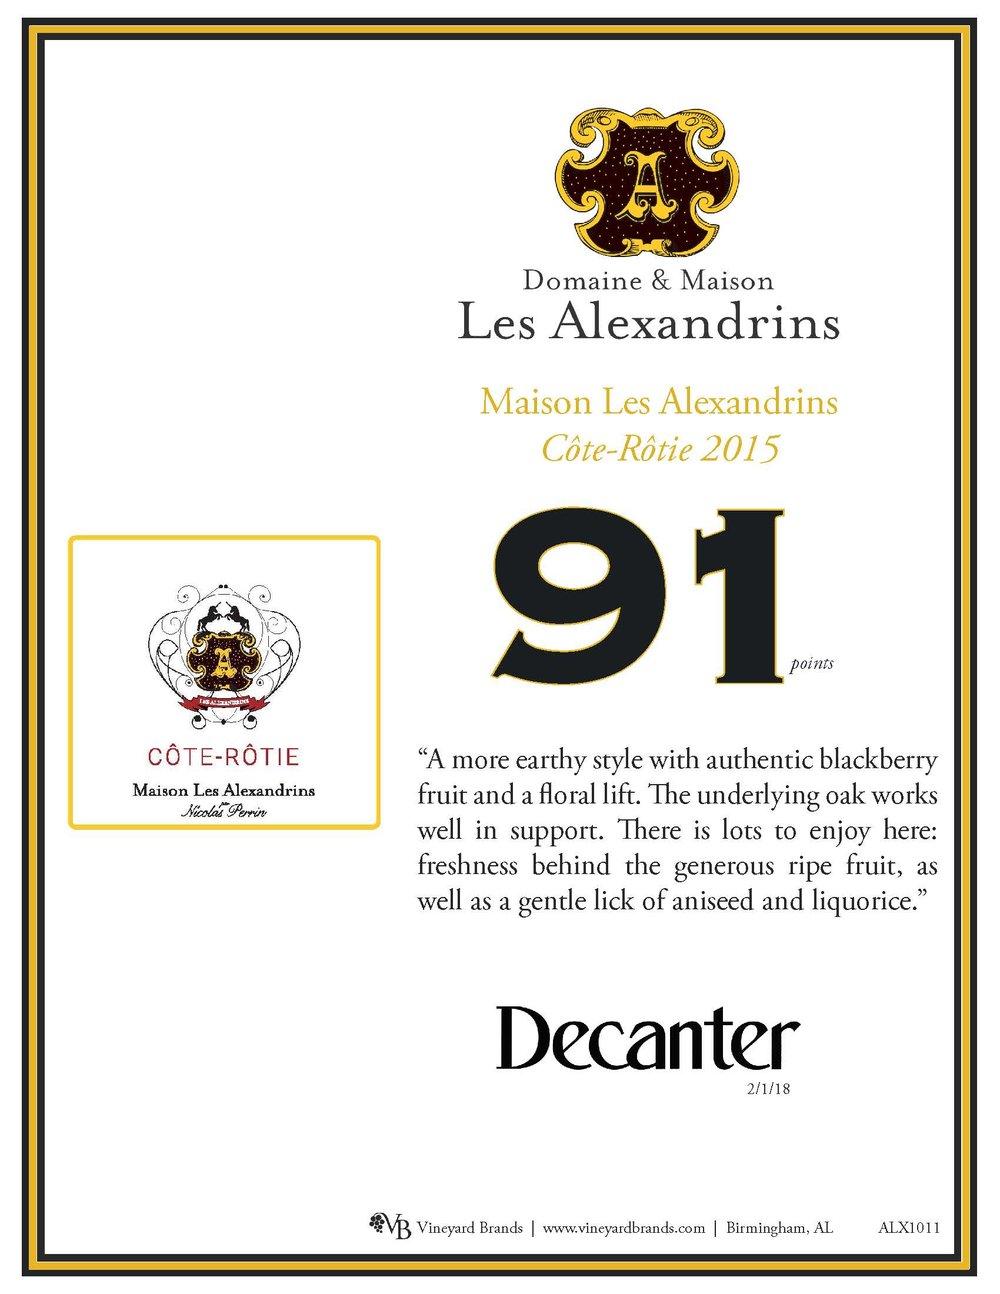 Maison Les Alexandrins Cote Rotie 2015.jpg